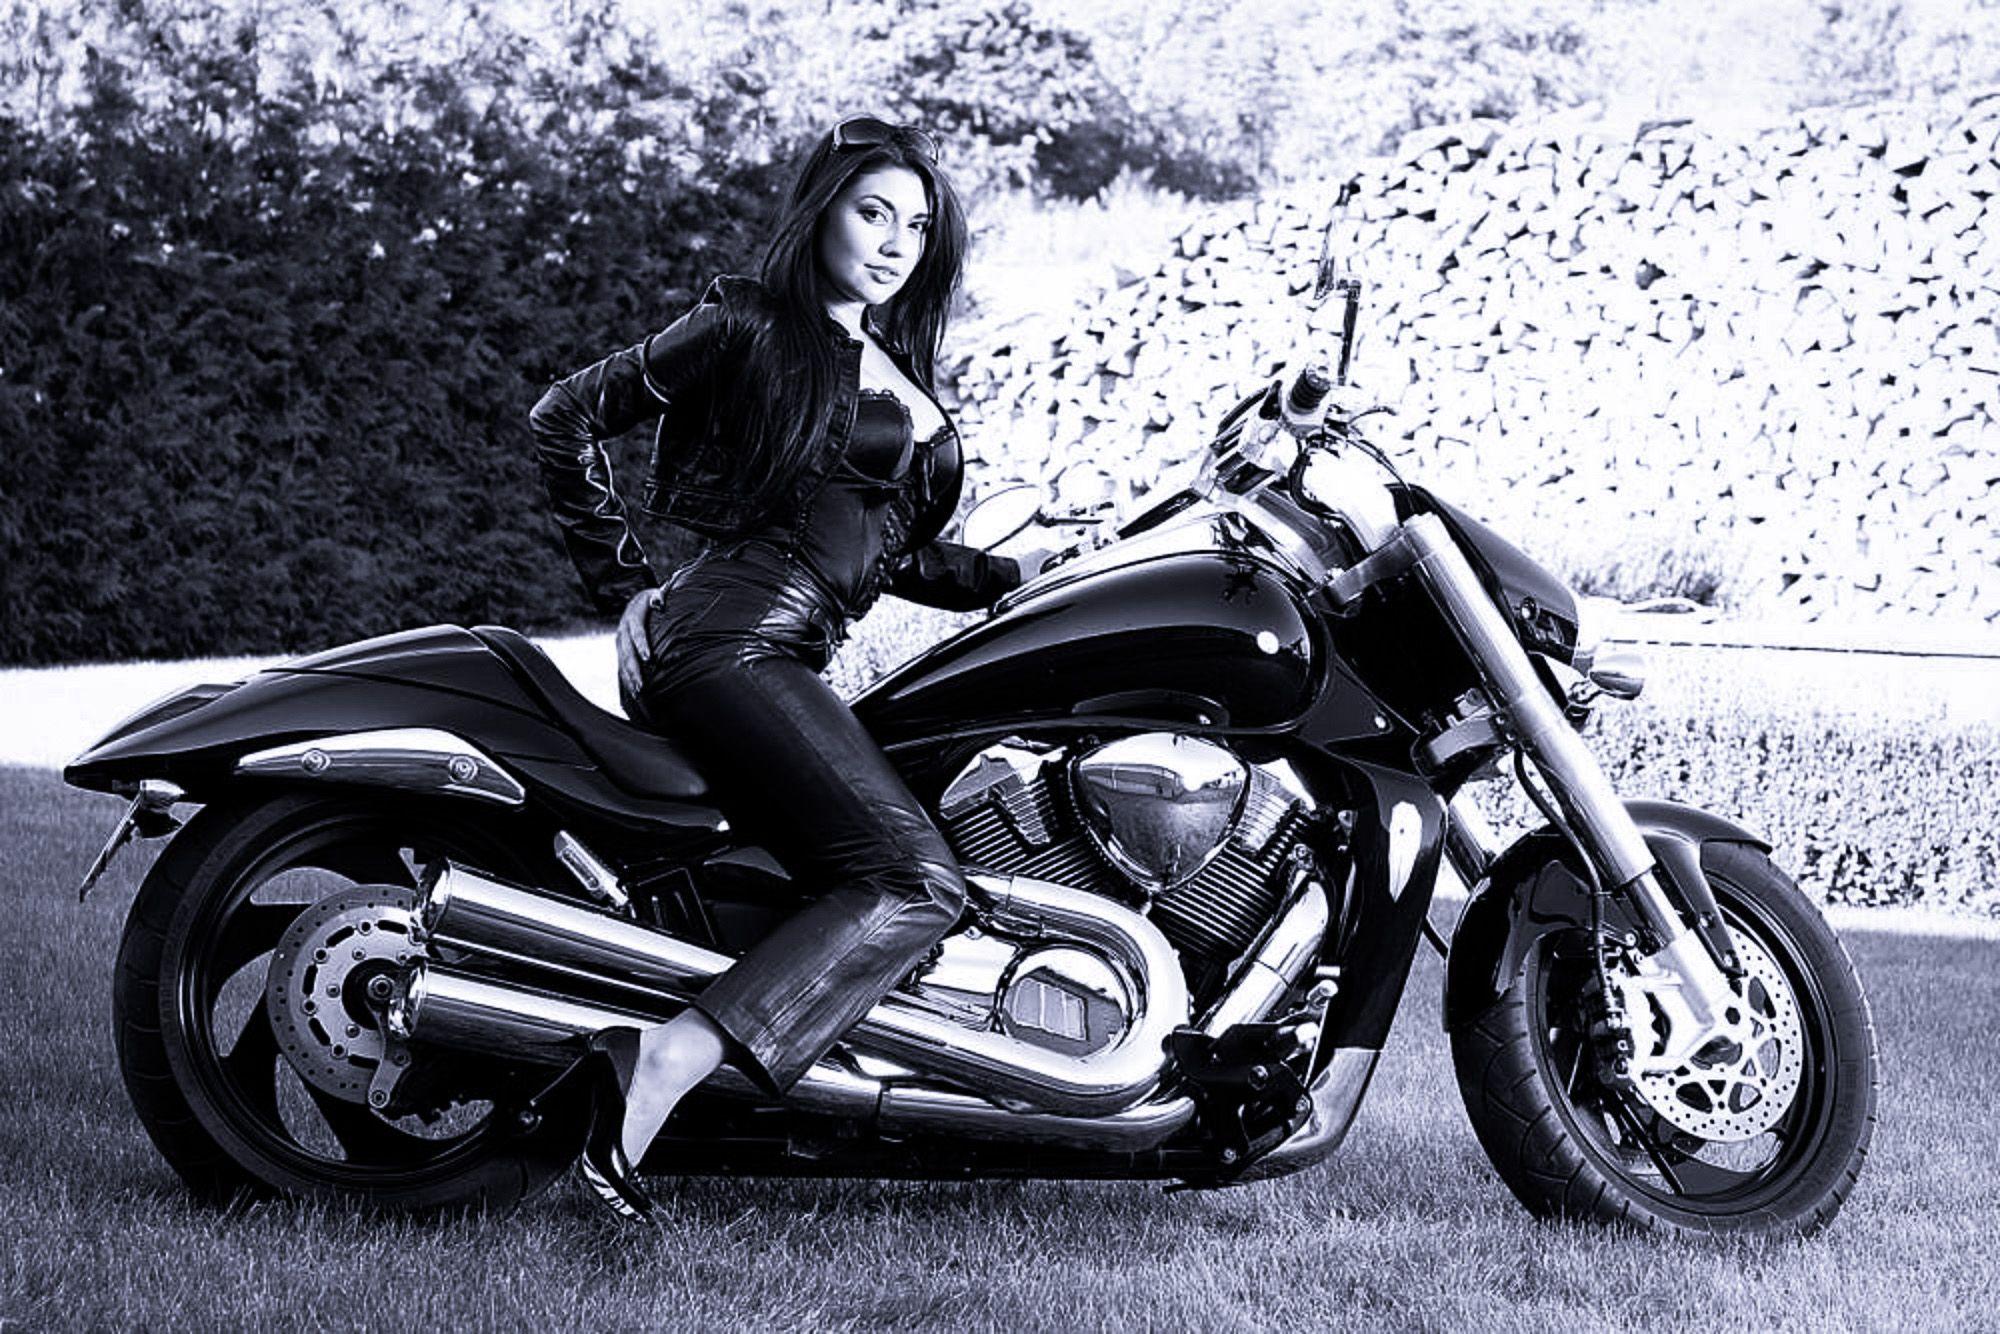 suzuki m1800r intruder suzuki intruder motorcycle. Black Bedroom Furniture Sets. Home Design Ideas